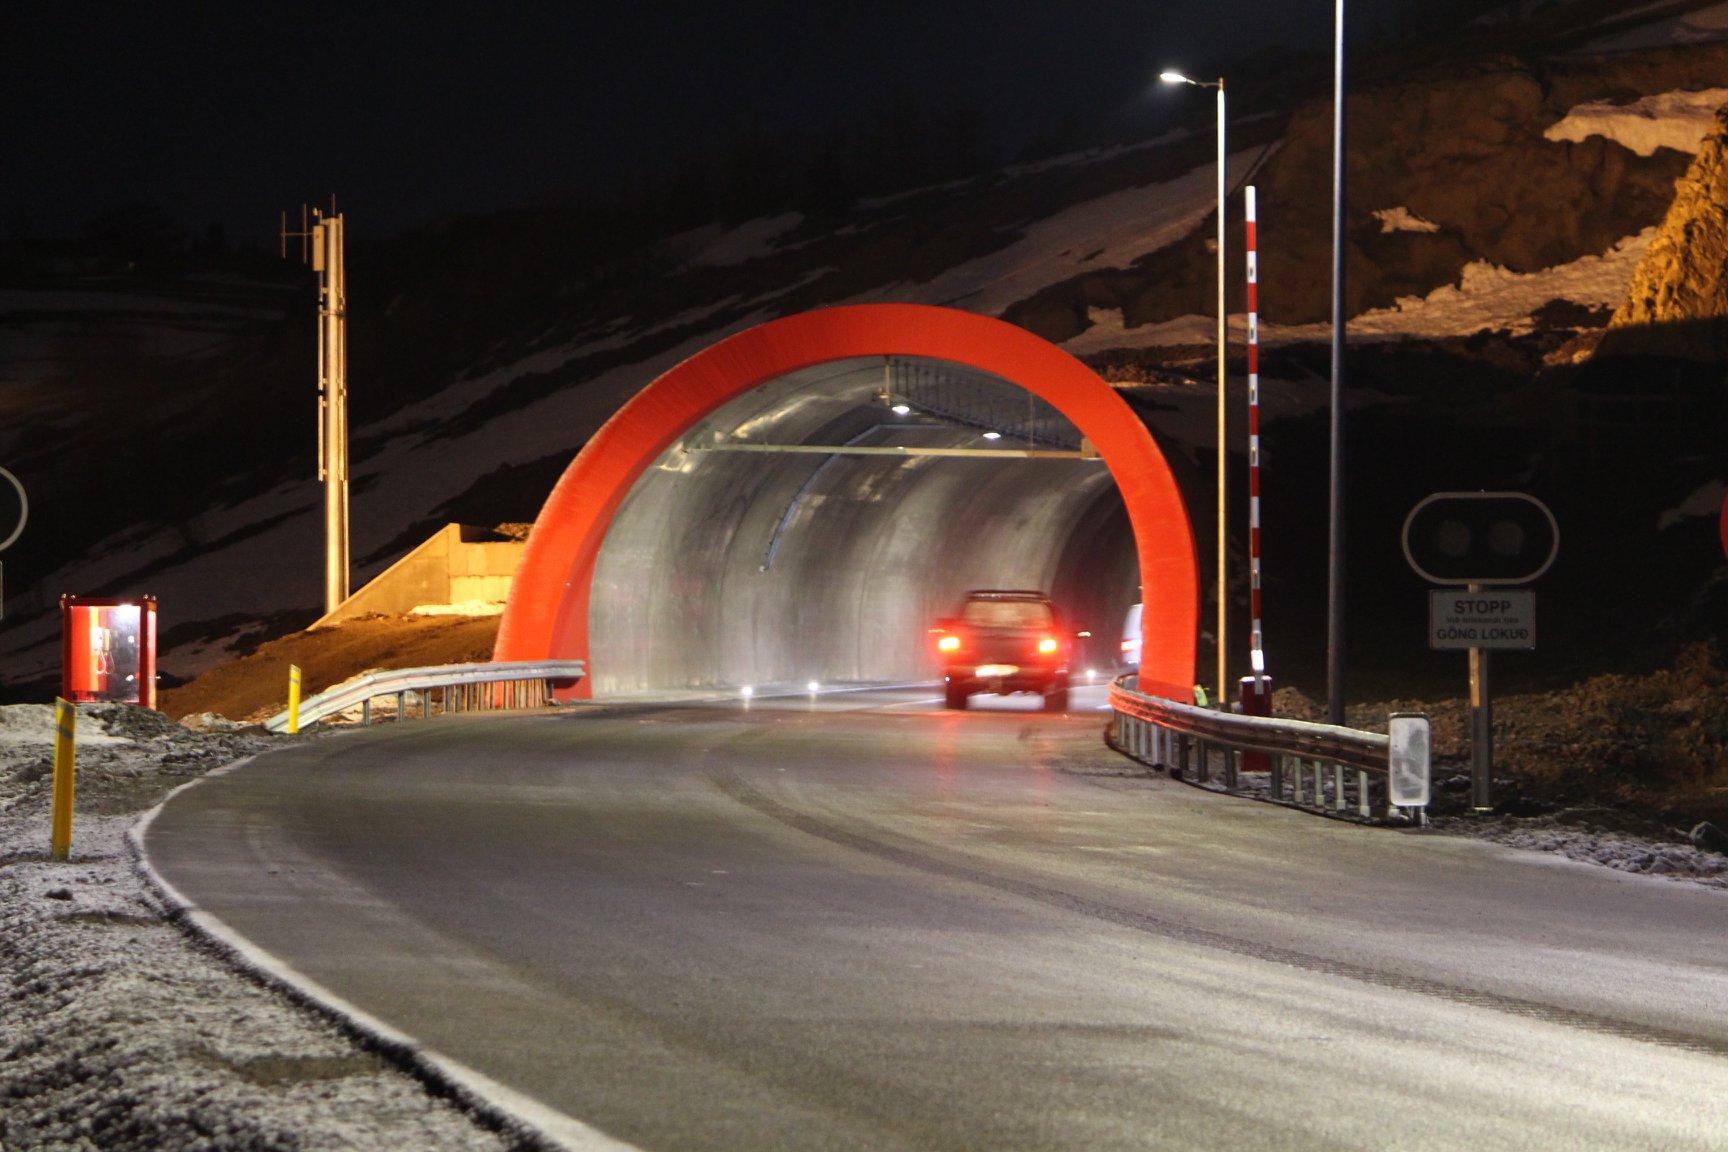 414 þúsund ferðir í gegnum Vaðlaheiðargöng árið 2020